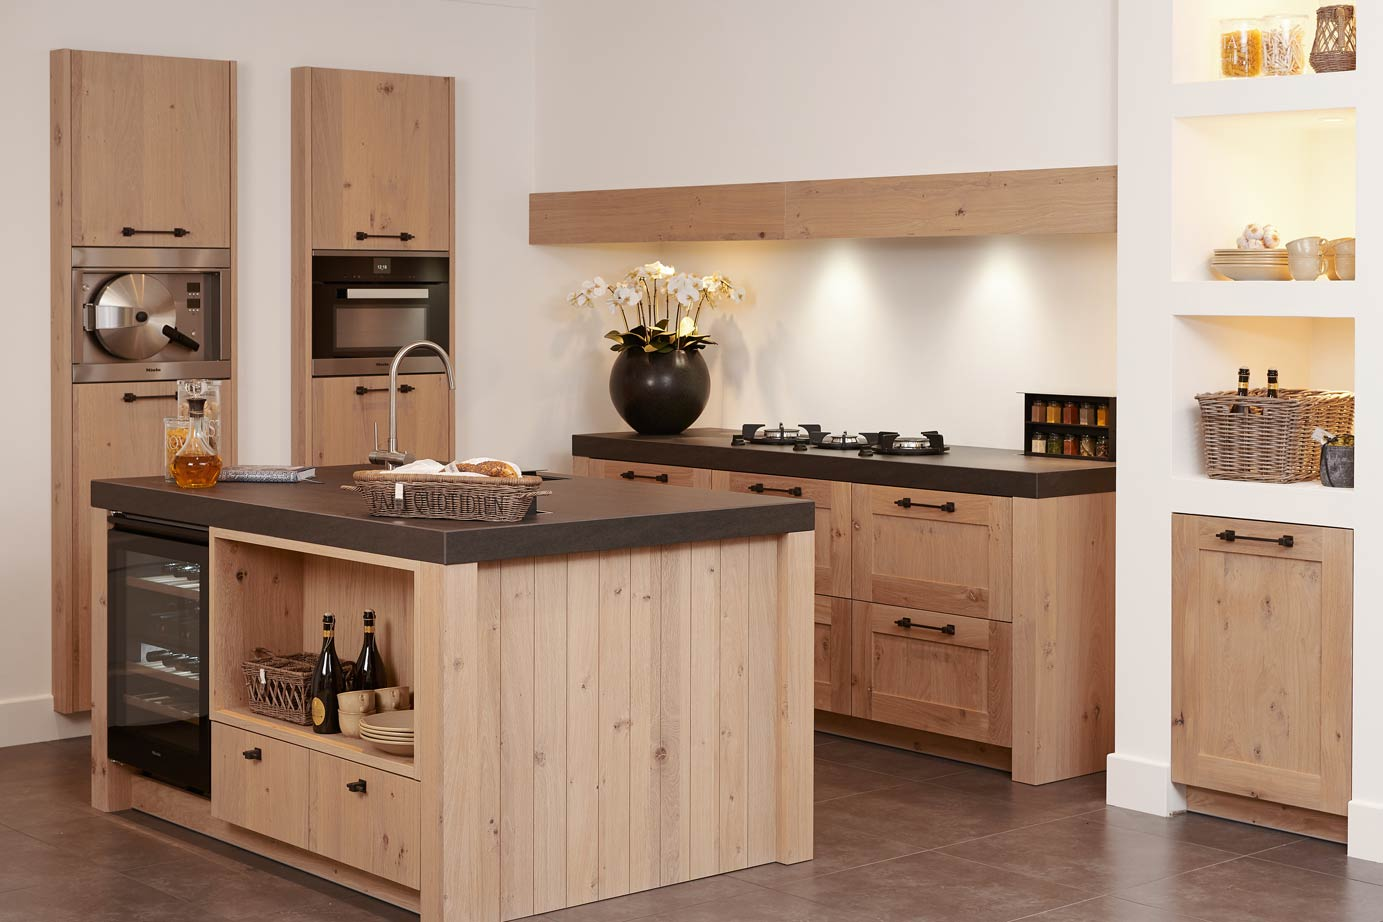 Siematic Keuken Outlet : Keukenfronten. Alle informatie over fronten in de keuken – DB Keukens